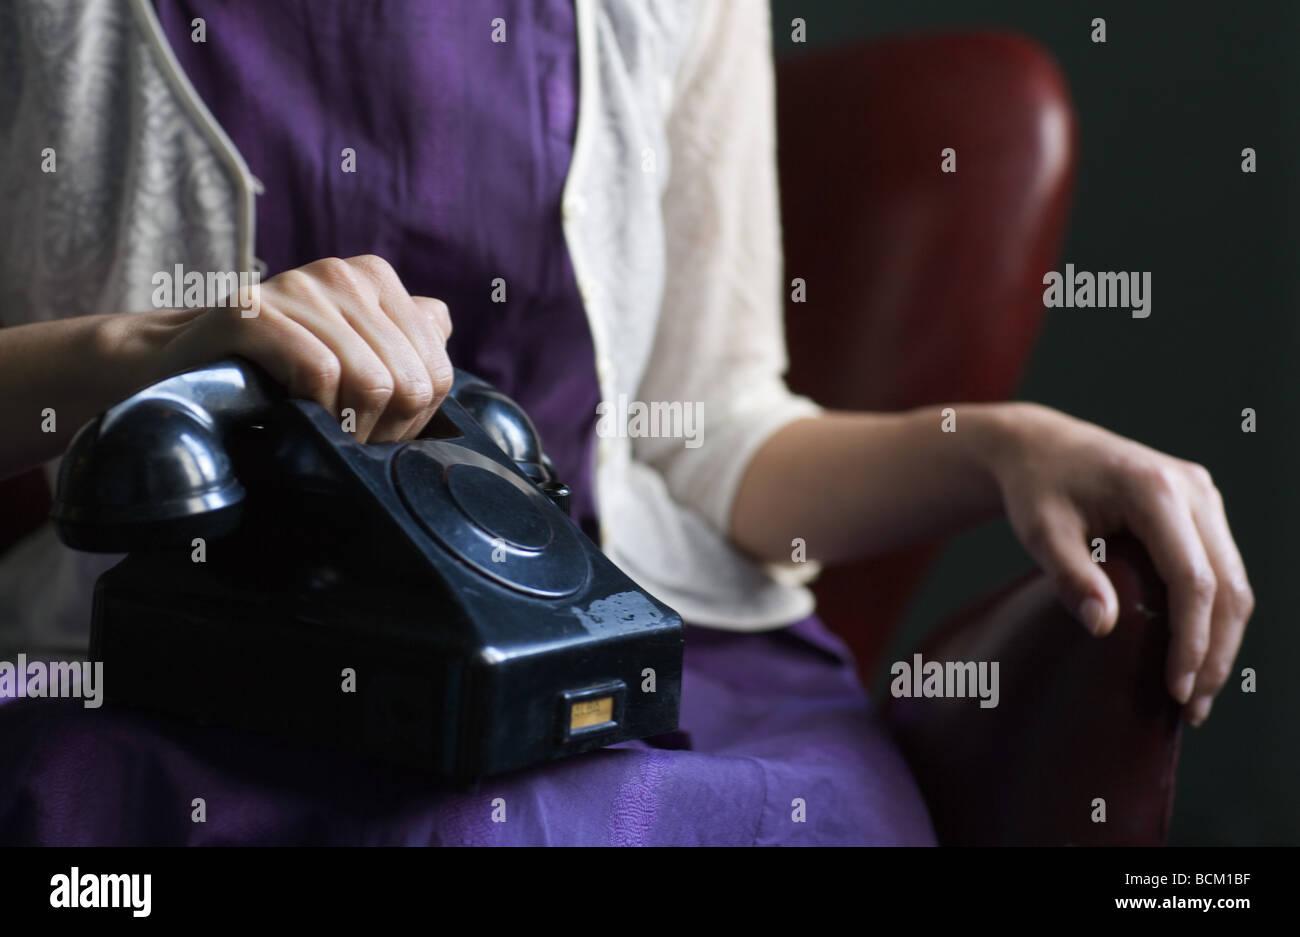 Donna abito in udienza con il telefono sul giro, mano sul ricevitore, vista ritagliata della sezione centrale Immagini Stock